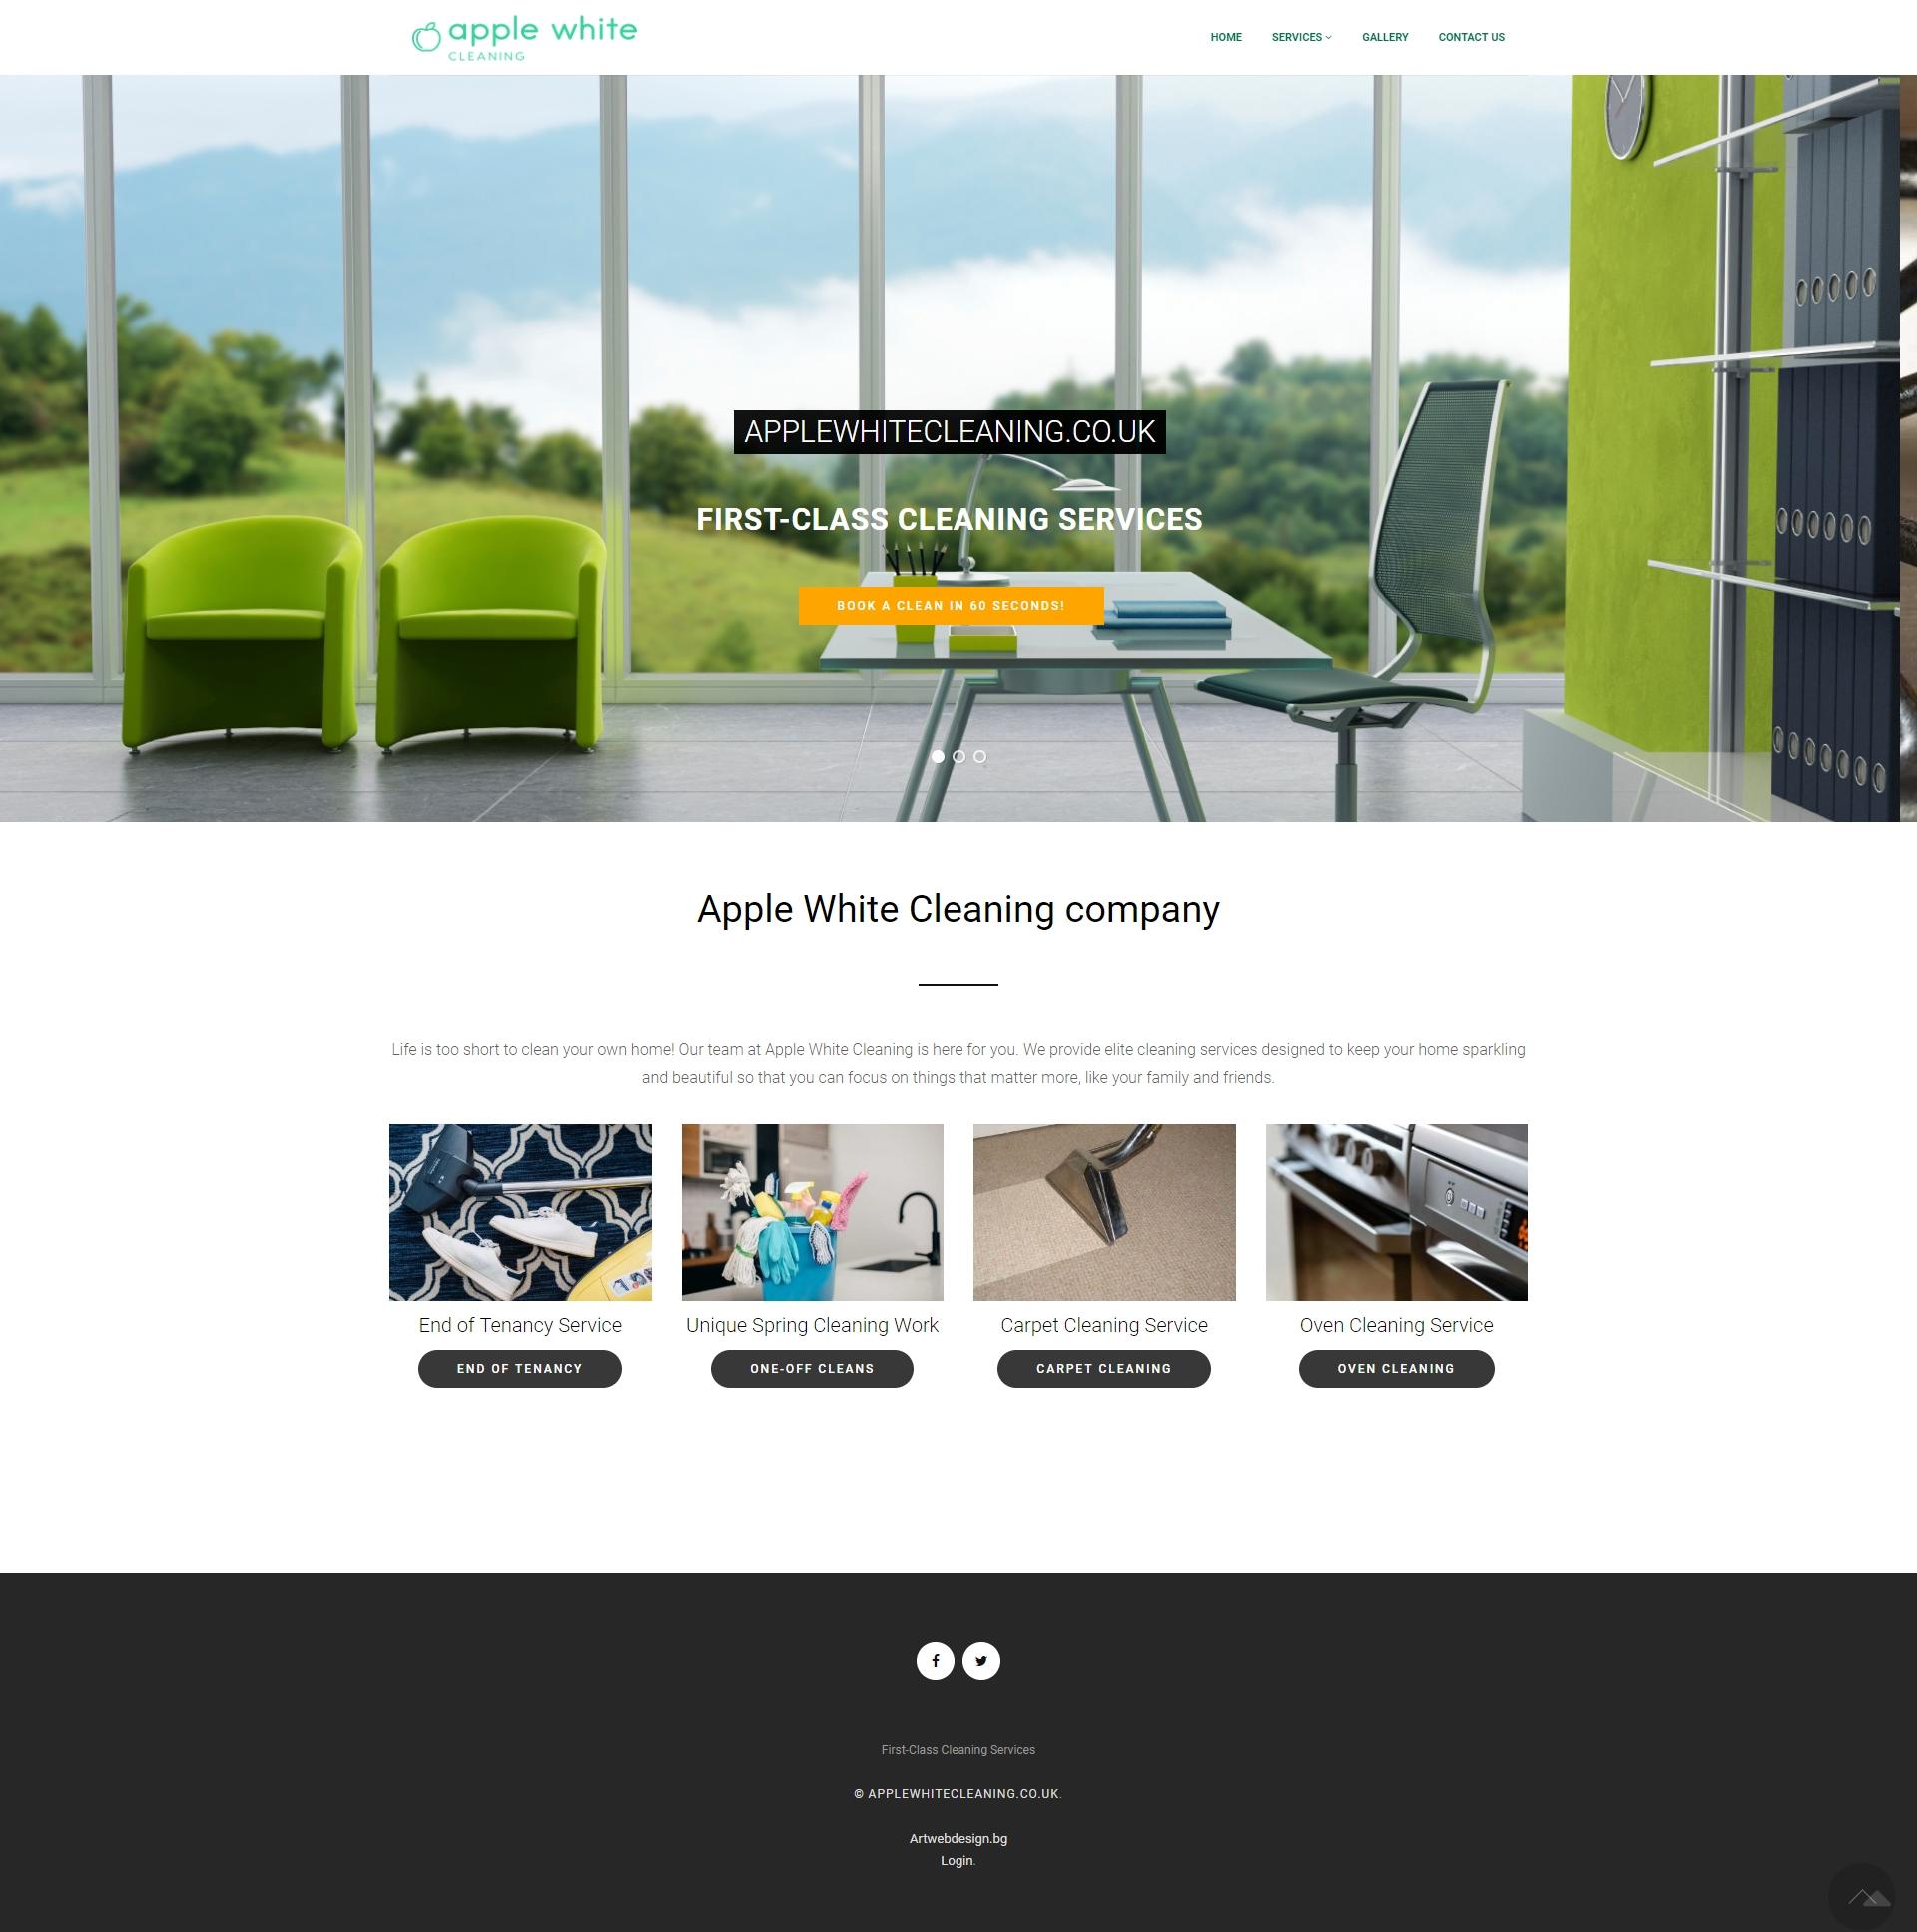 Уеб сайт на фирма за почистване в чужбина Applewhite